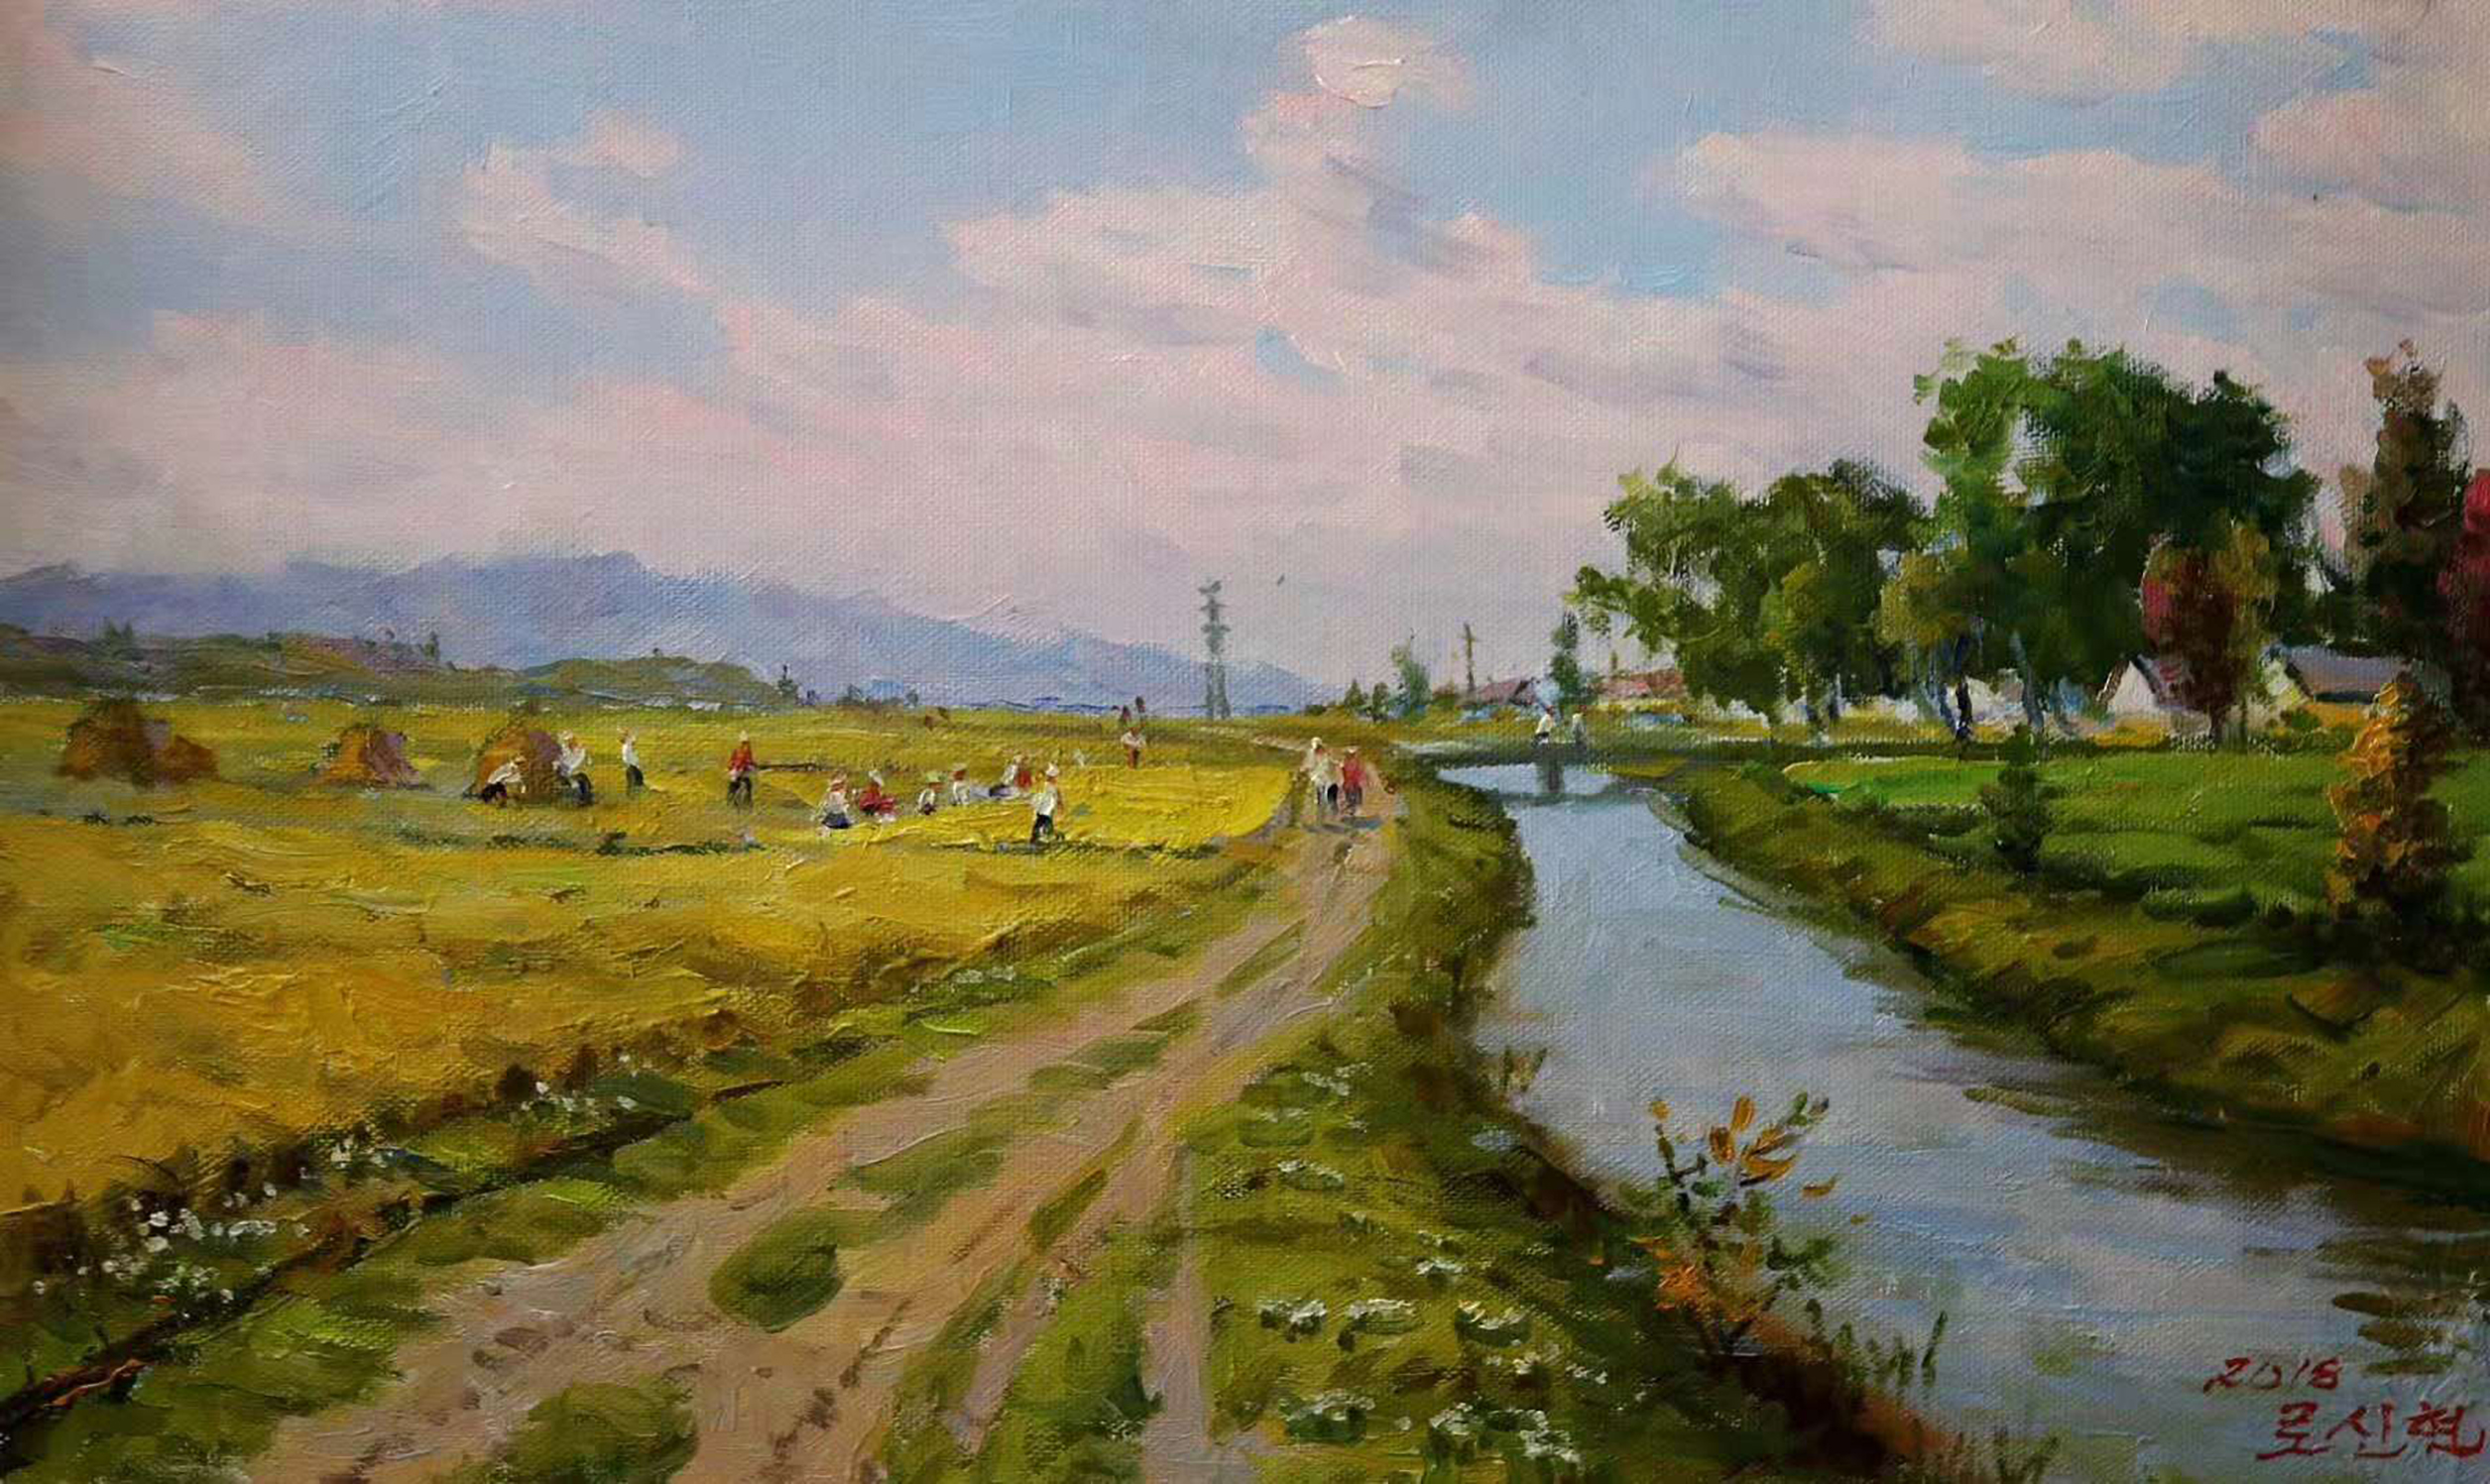 用油彩表现那条记忆中的泥路,油画风景欣赏